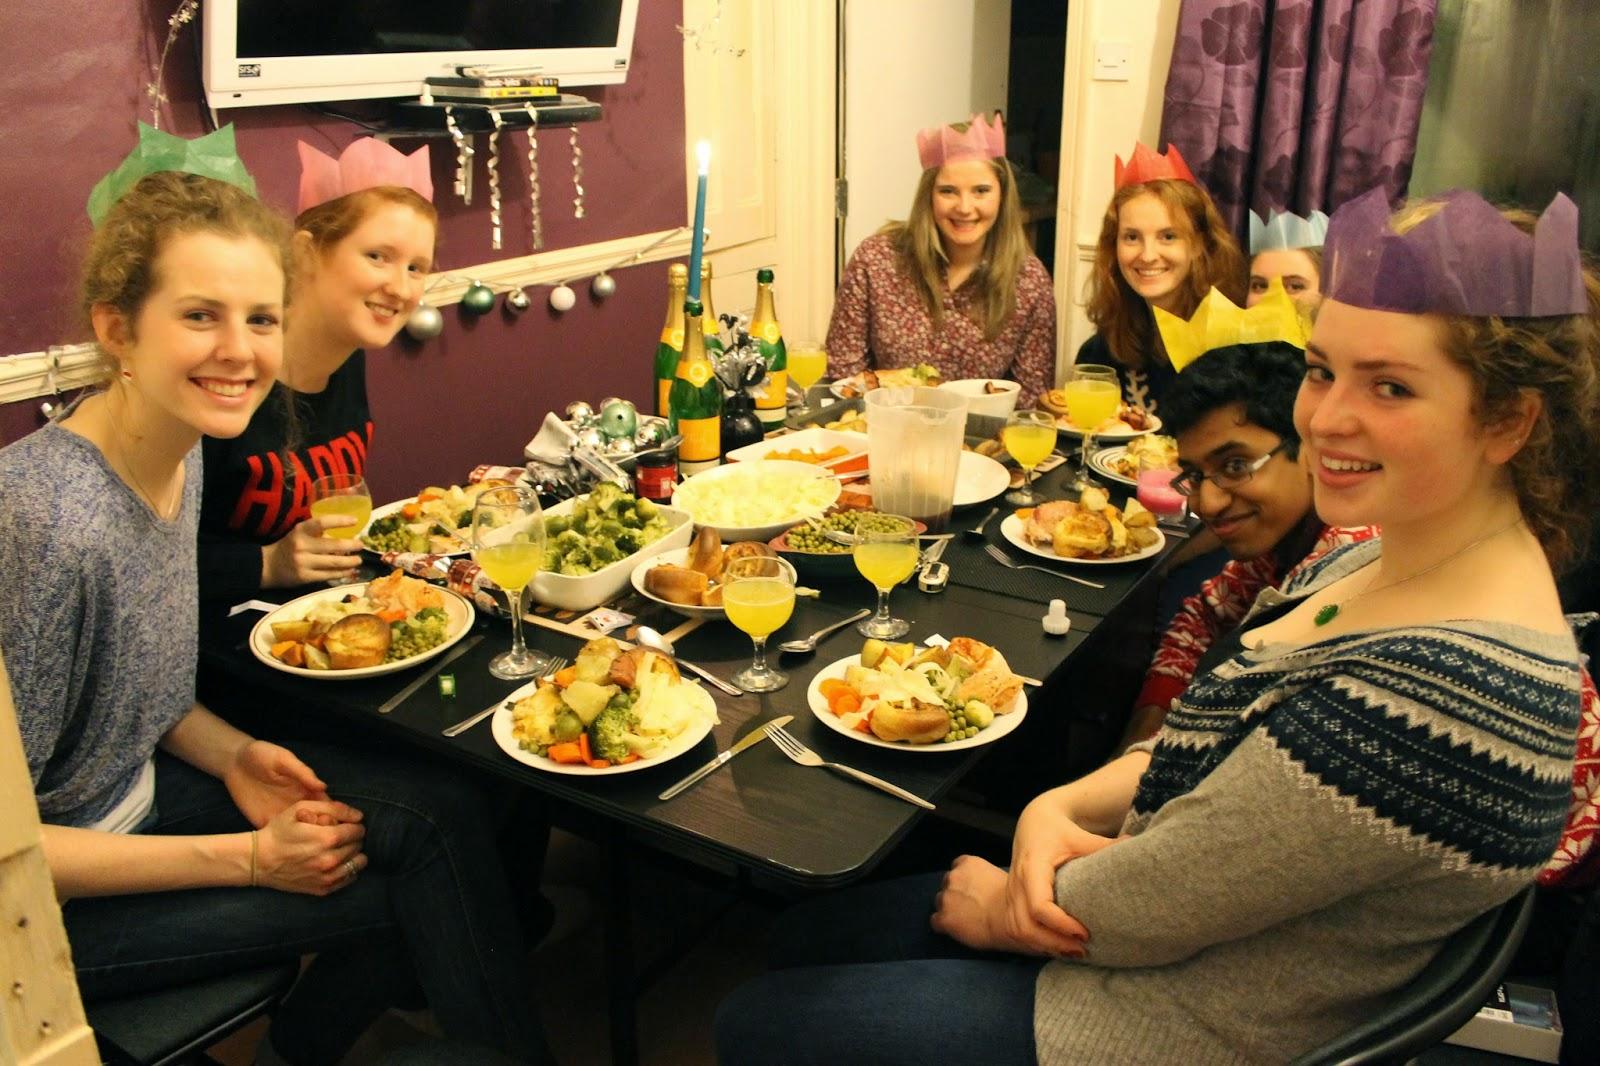 University Christmas dinner